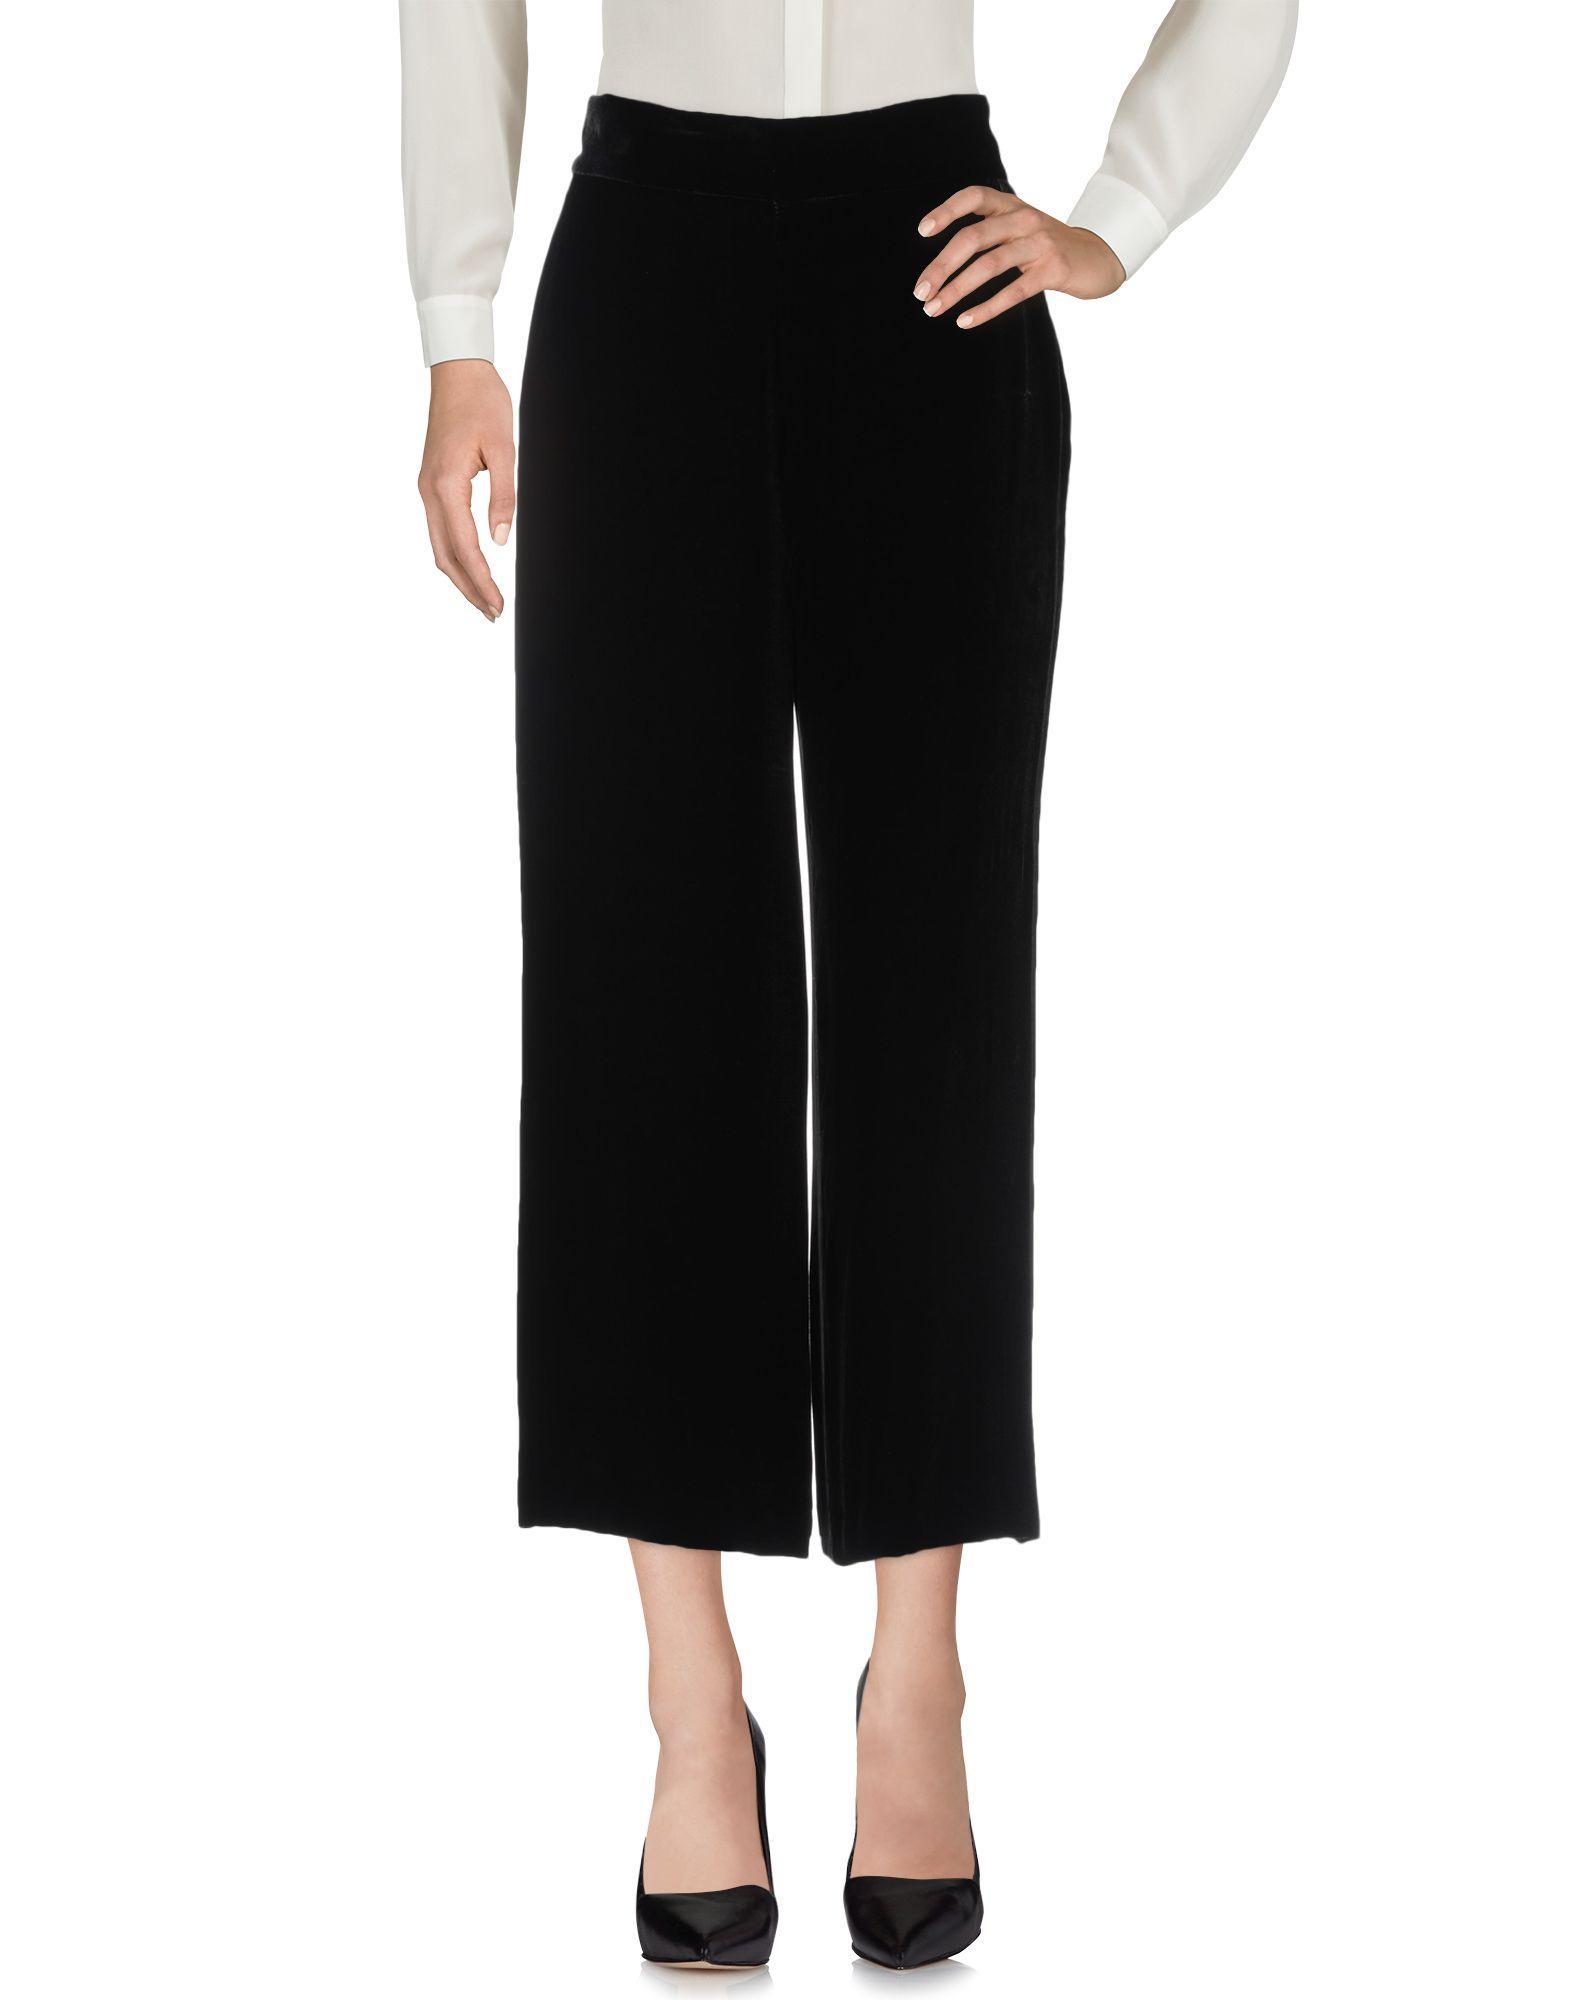 Pantalones Clips de Terciopelo de color Negro